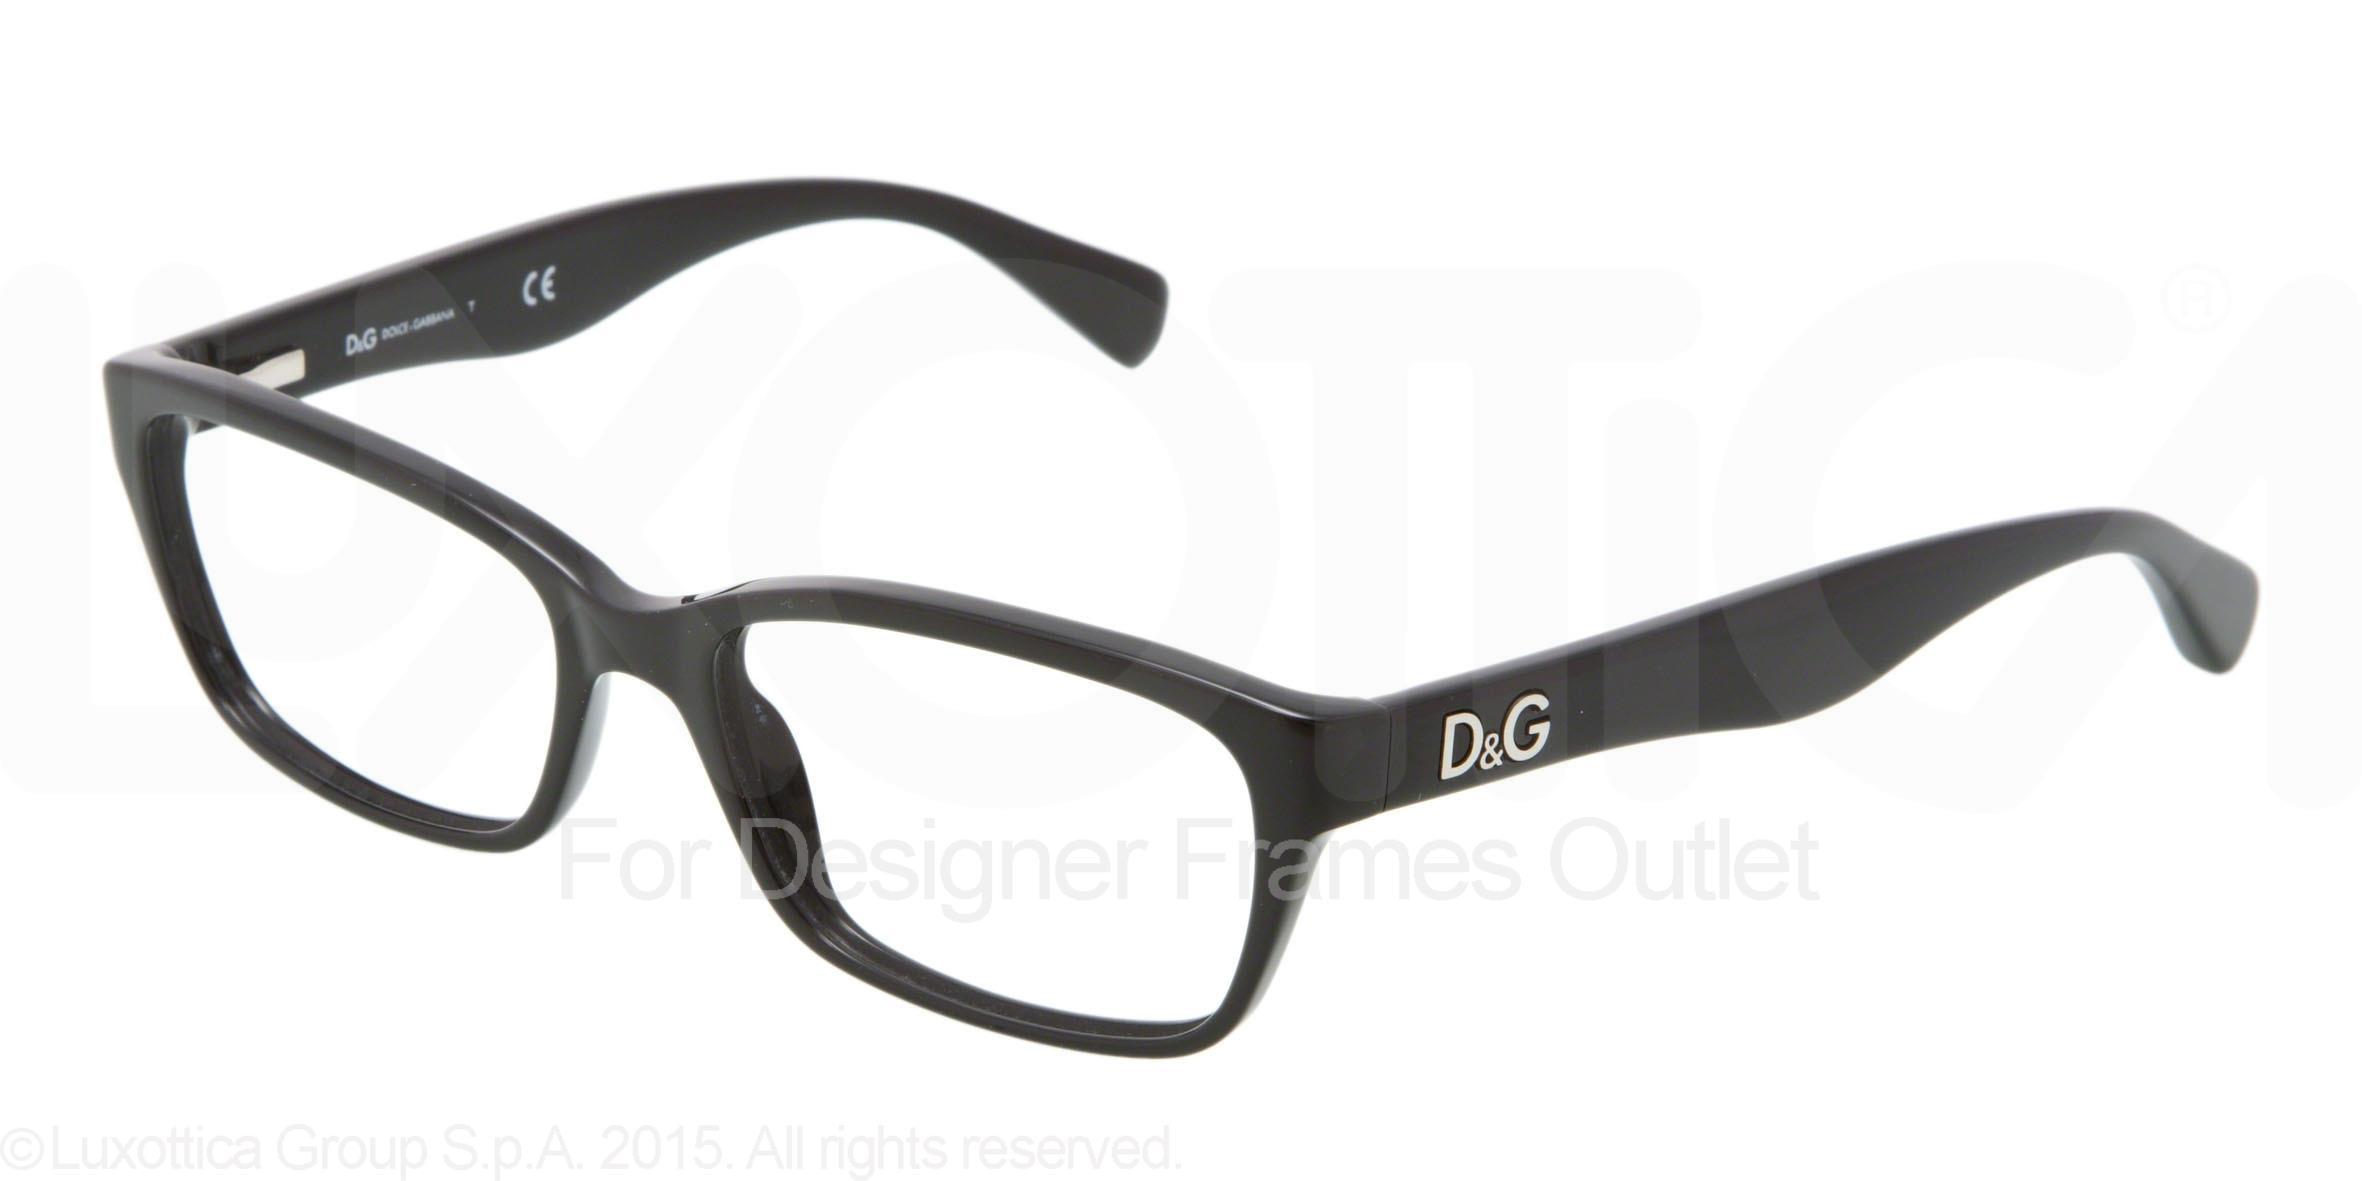 Designer Frames Outlet. D&G DD1249